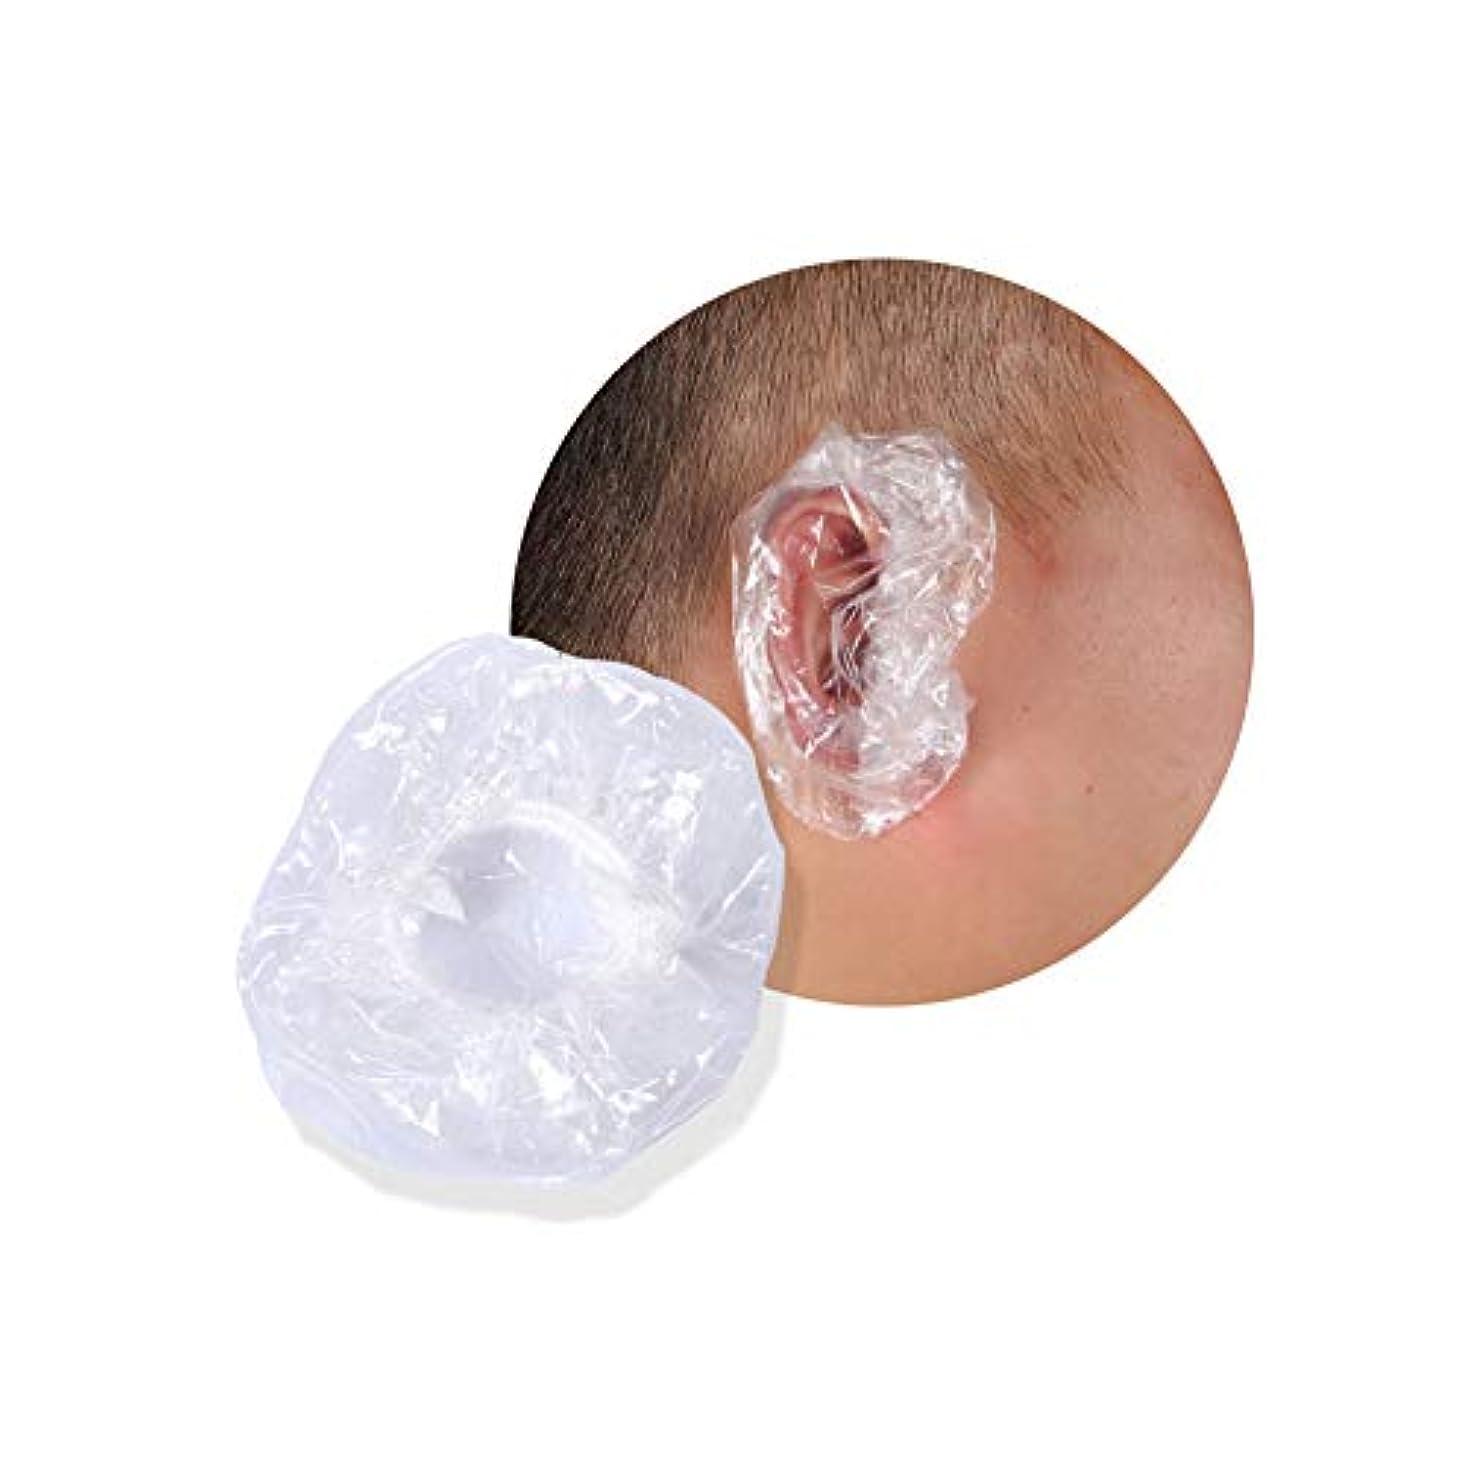 男豆腐華氏イヤーキャップ 使い捨て 簡単 装着 透明 ビニール 耳 保護 カバー 毛染め パーマ 縮毛矯正 シャンプー トリートメント 100個入り